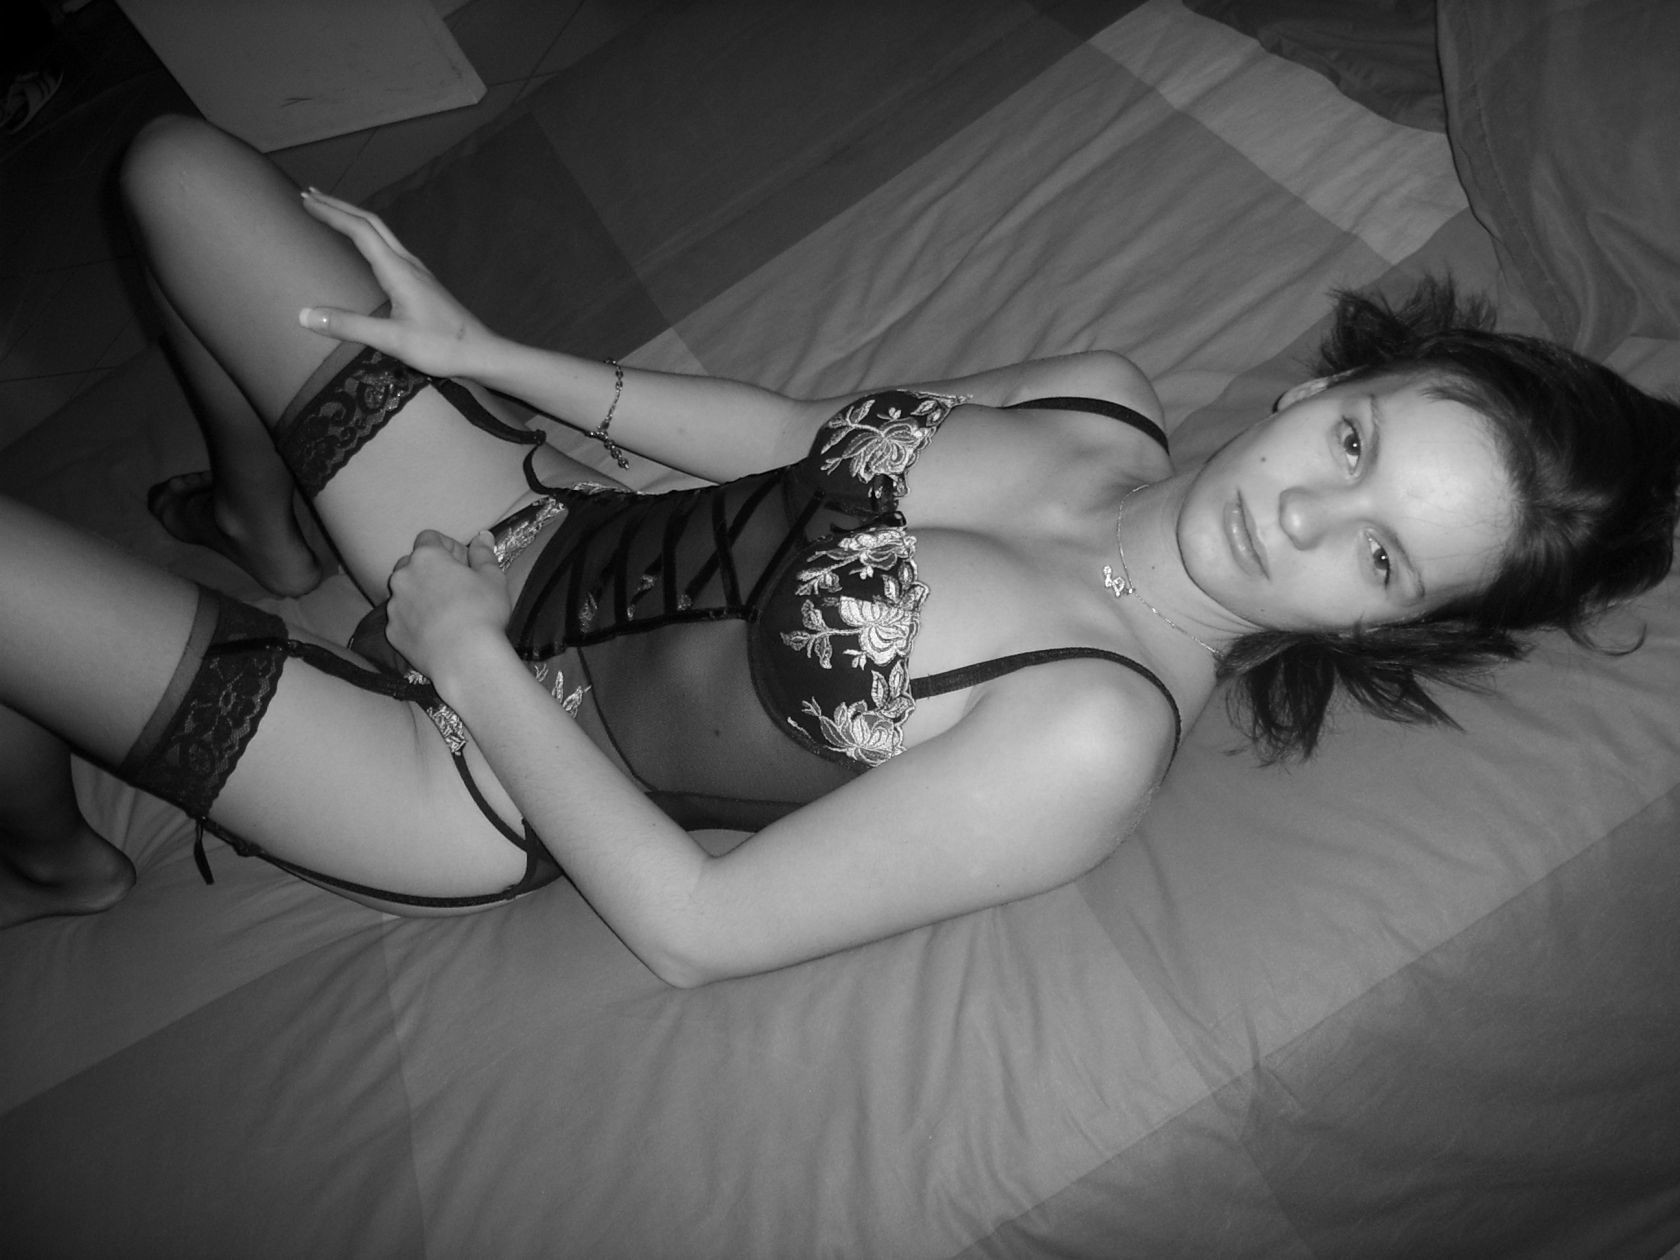 Девушка сначала просто обнажается перед камерой, а затем разрешает снимать себя во время секса